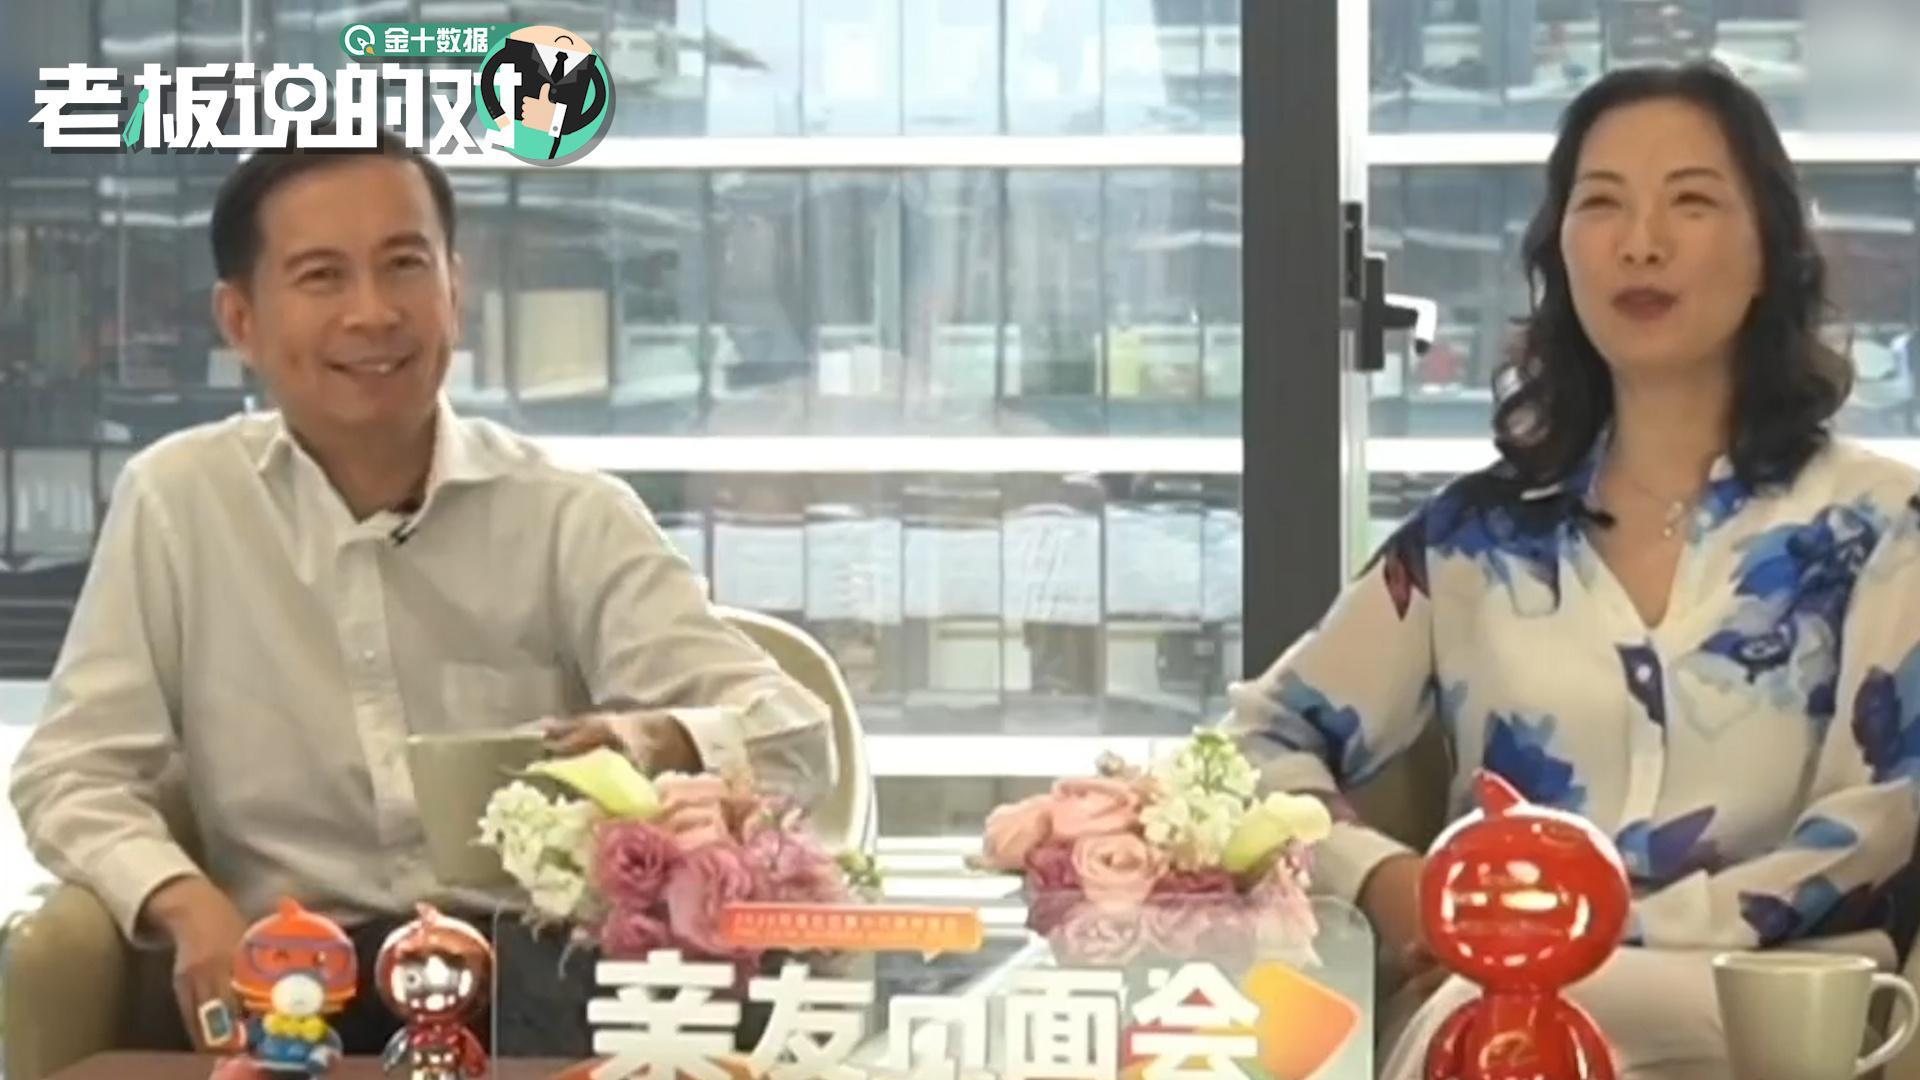 张勇、井贤栋、童文红厨艺比拼!有人煮饭煮饺子,有的人全靠盒马